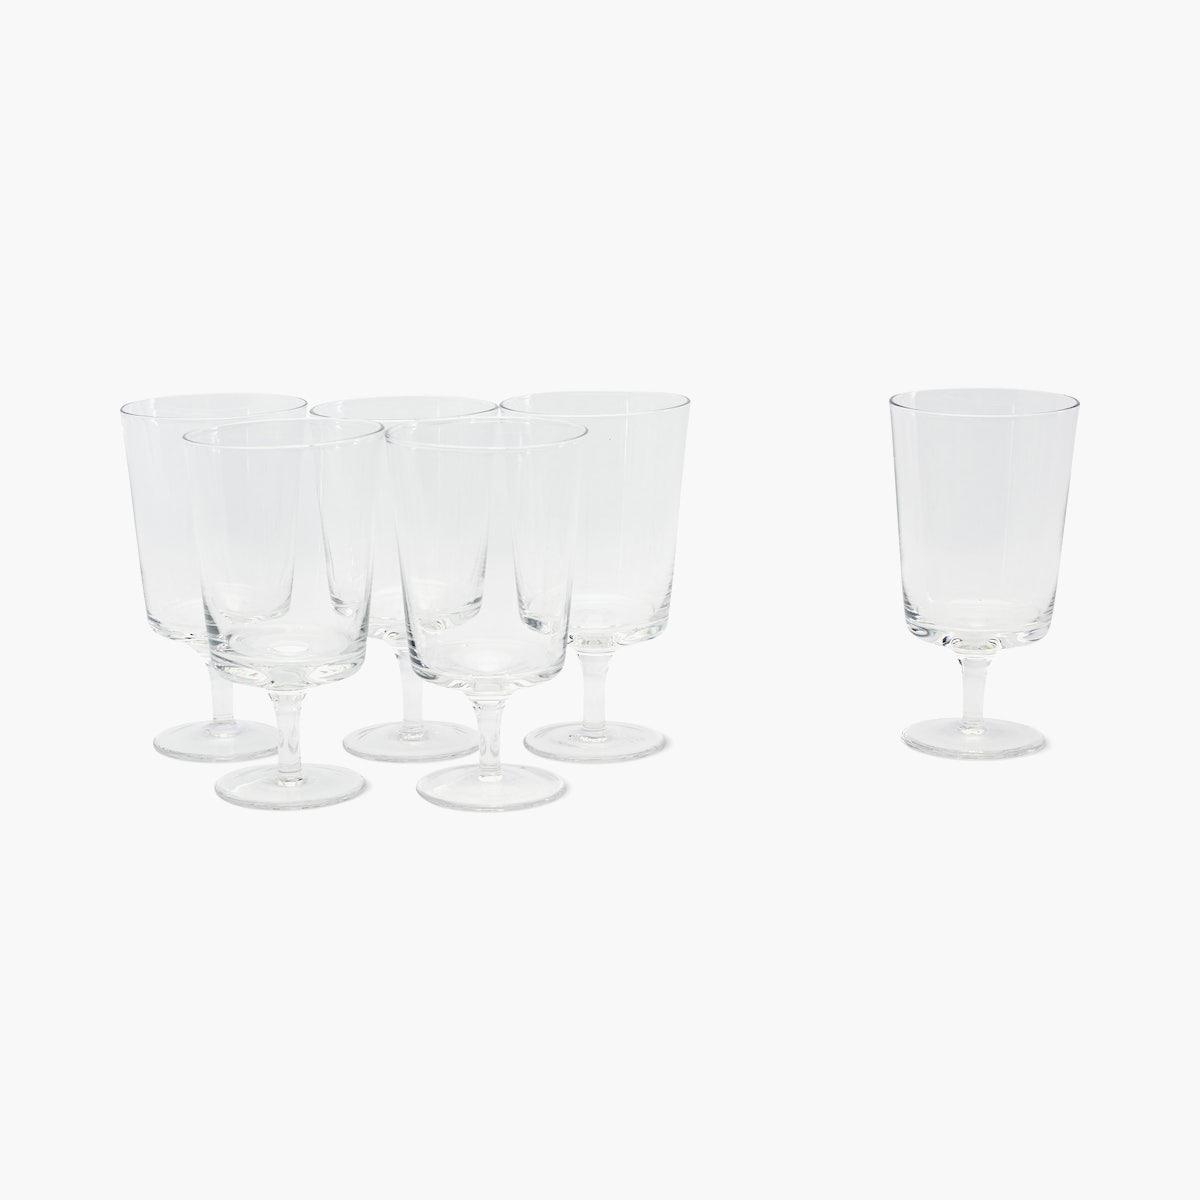 Ichendorf Aurora Glassware